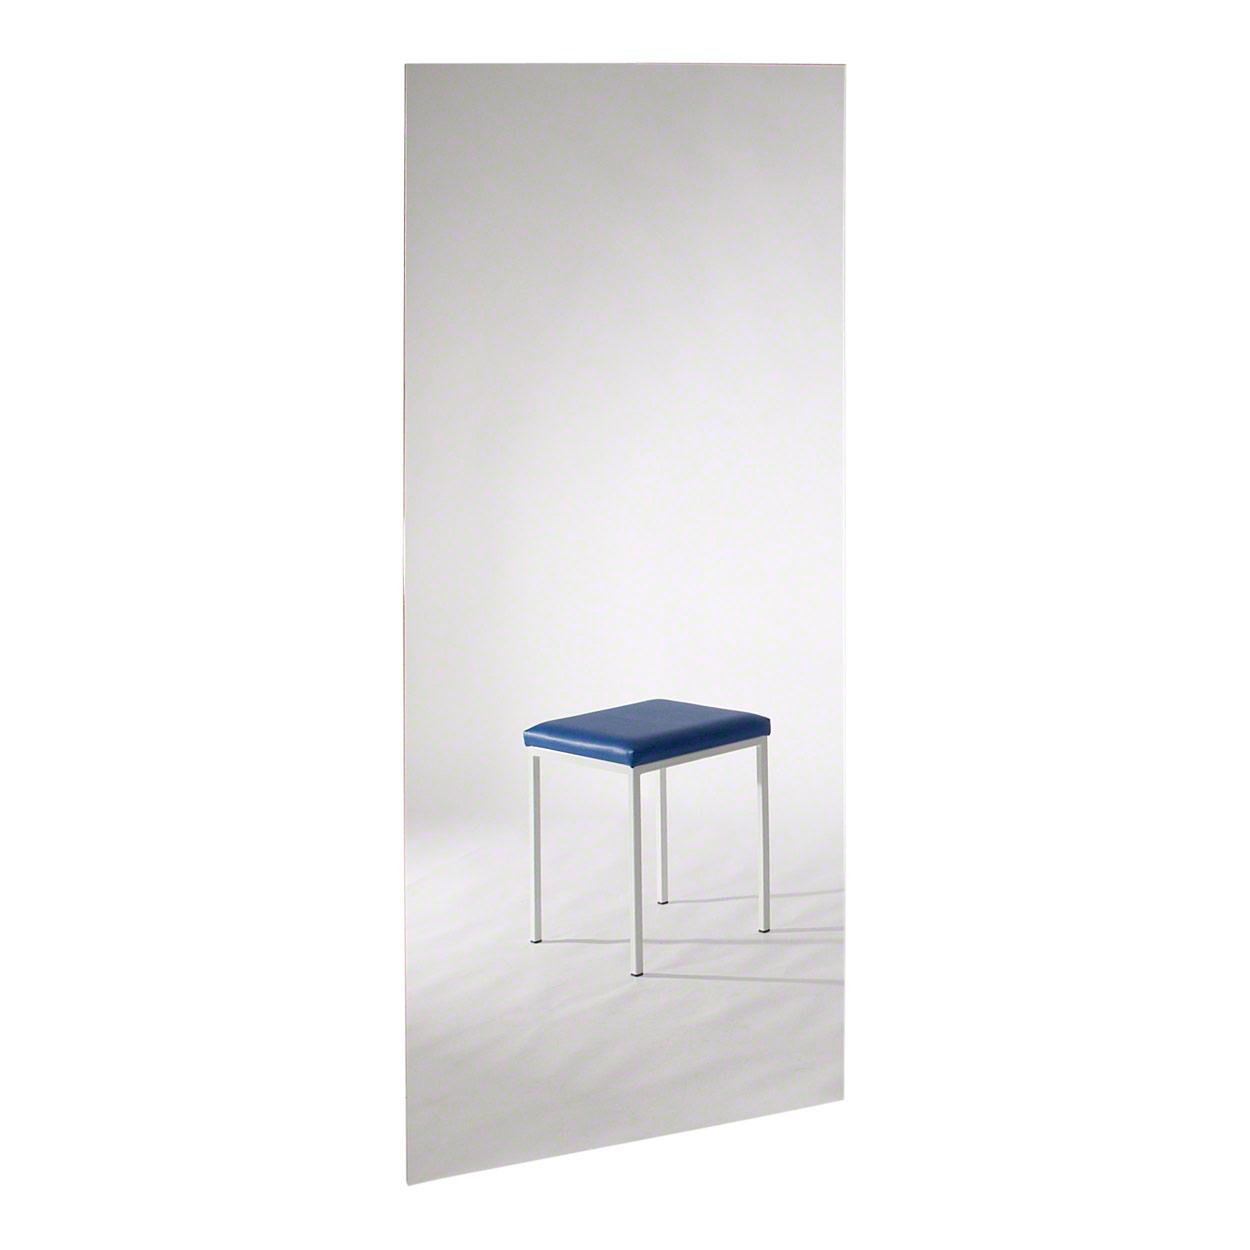 Spiegel auf rollen physiotherapie wohn design - Standspiegel mit rollen ...